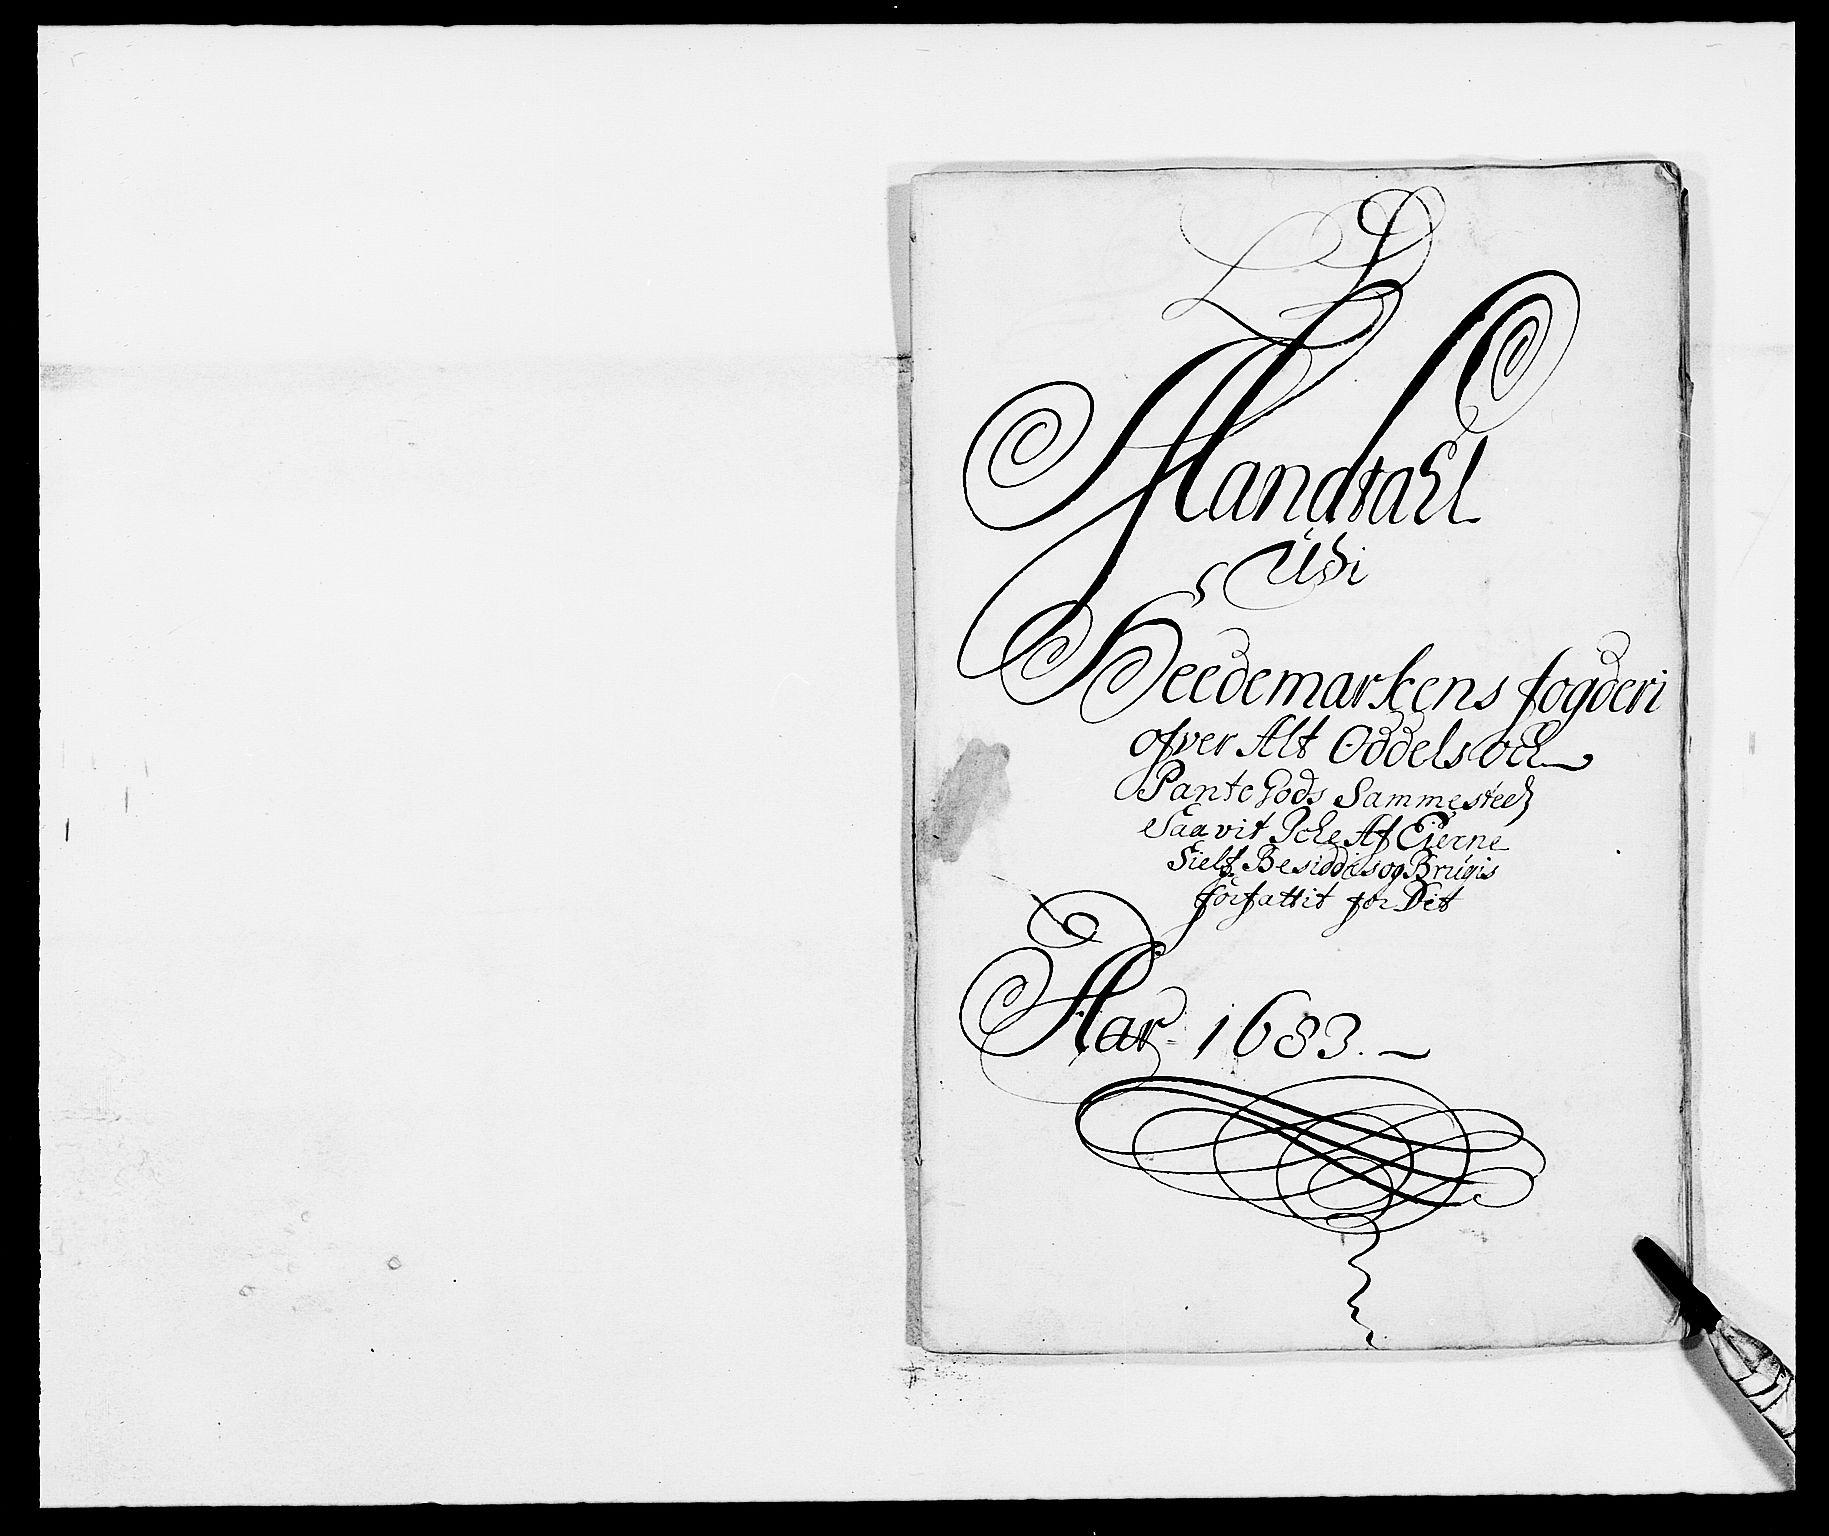 RA, Rentekammeret inntil 1814, Reviderte regnskaper, Fogderegnskap, R16/L1024: Fogderegnskap Hedmark, 1683, s. 159